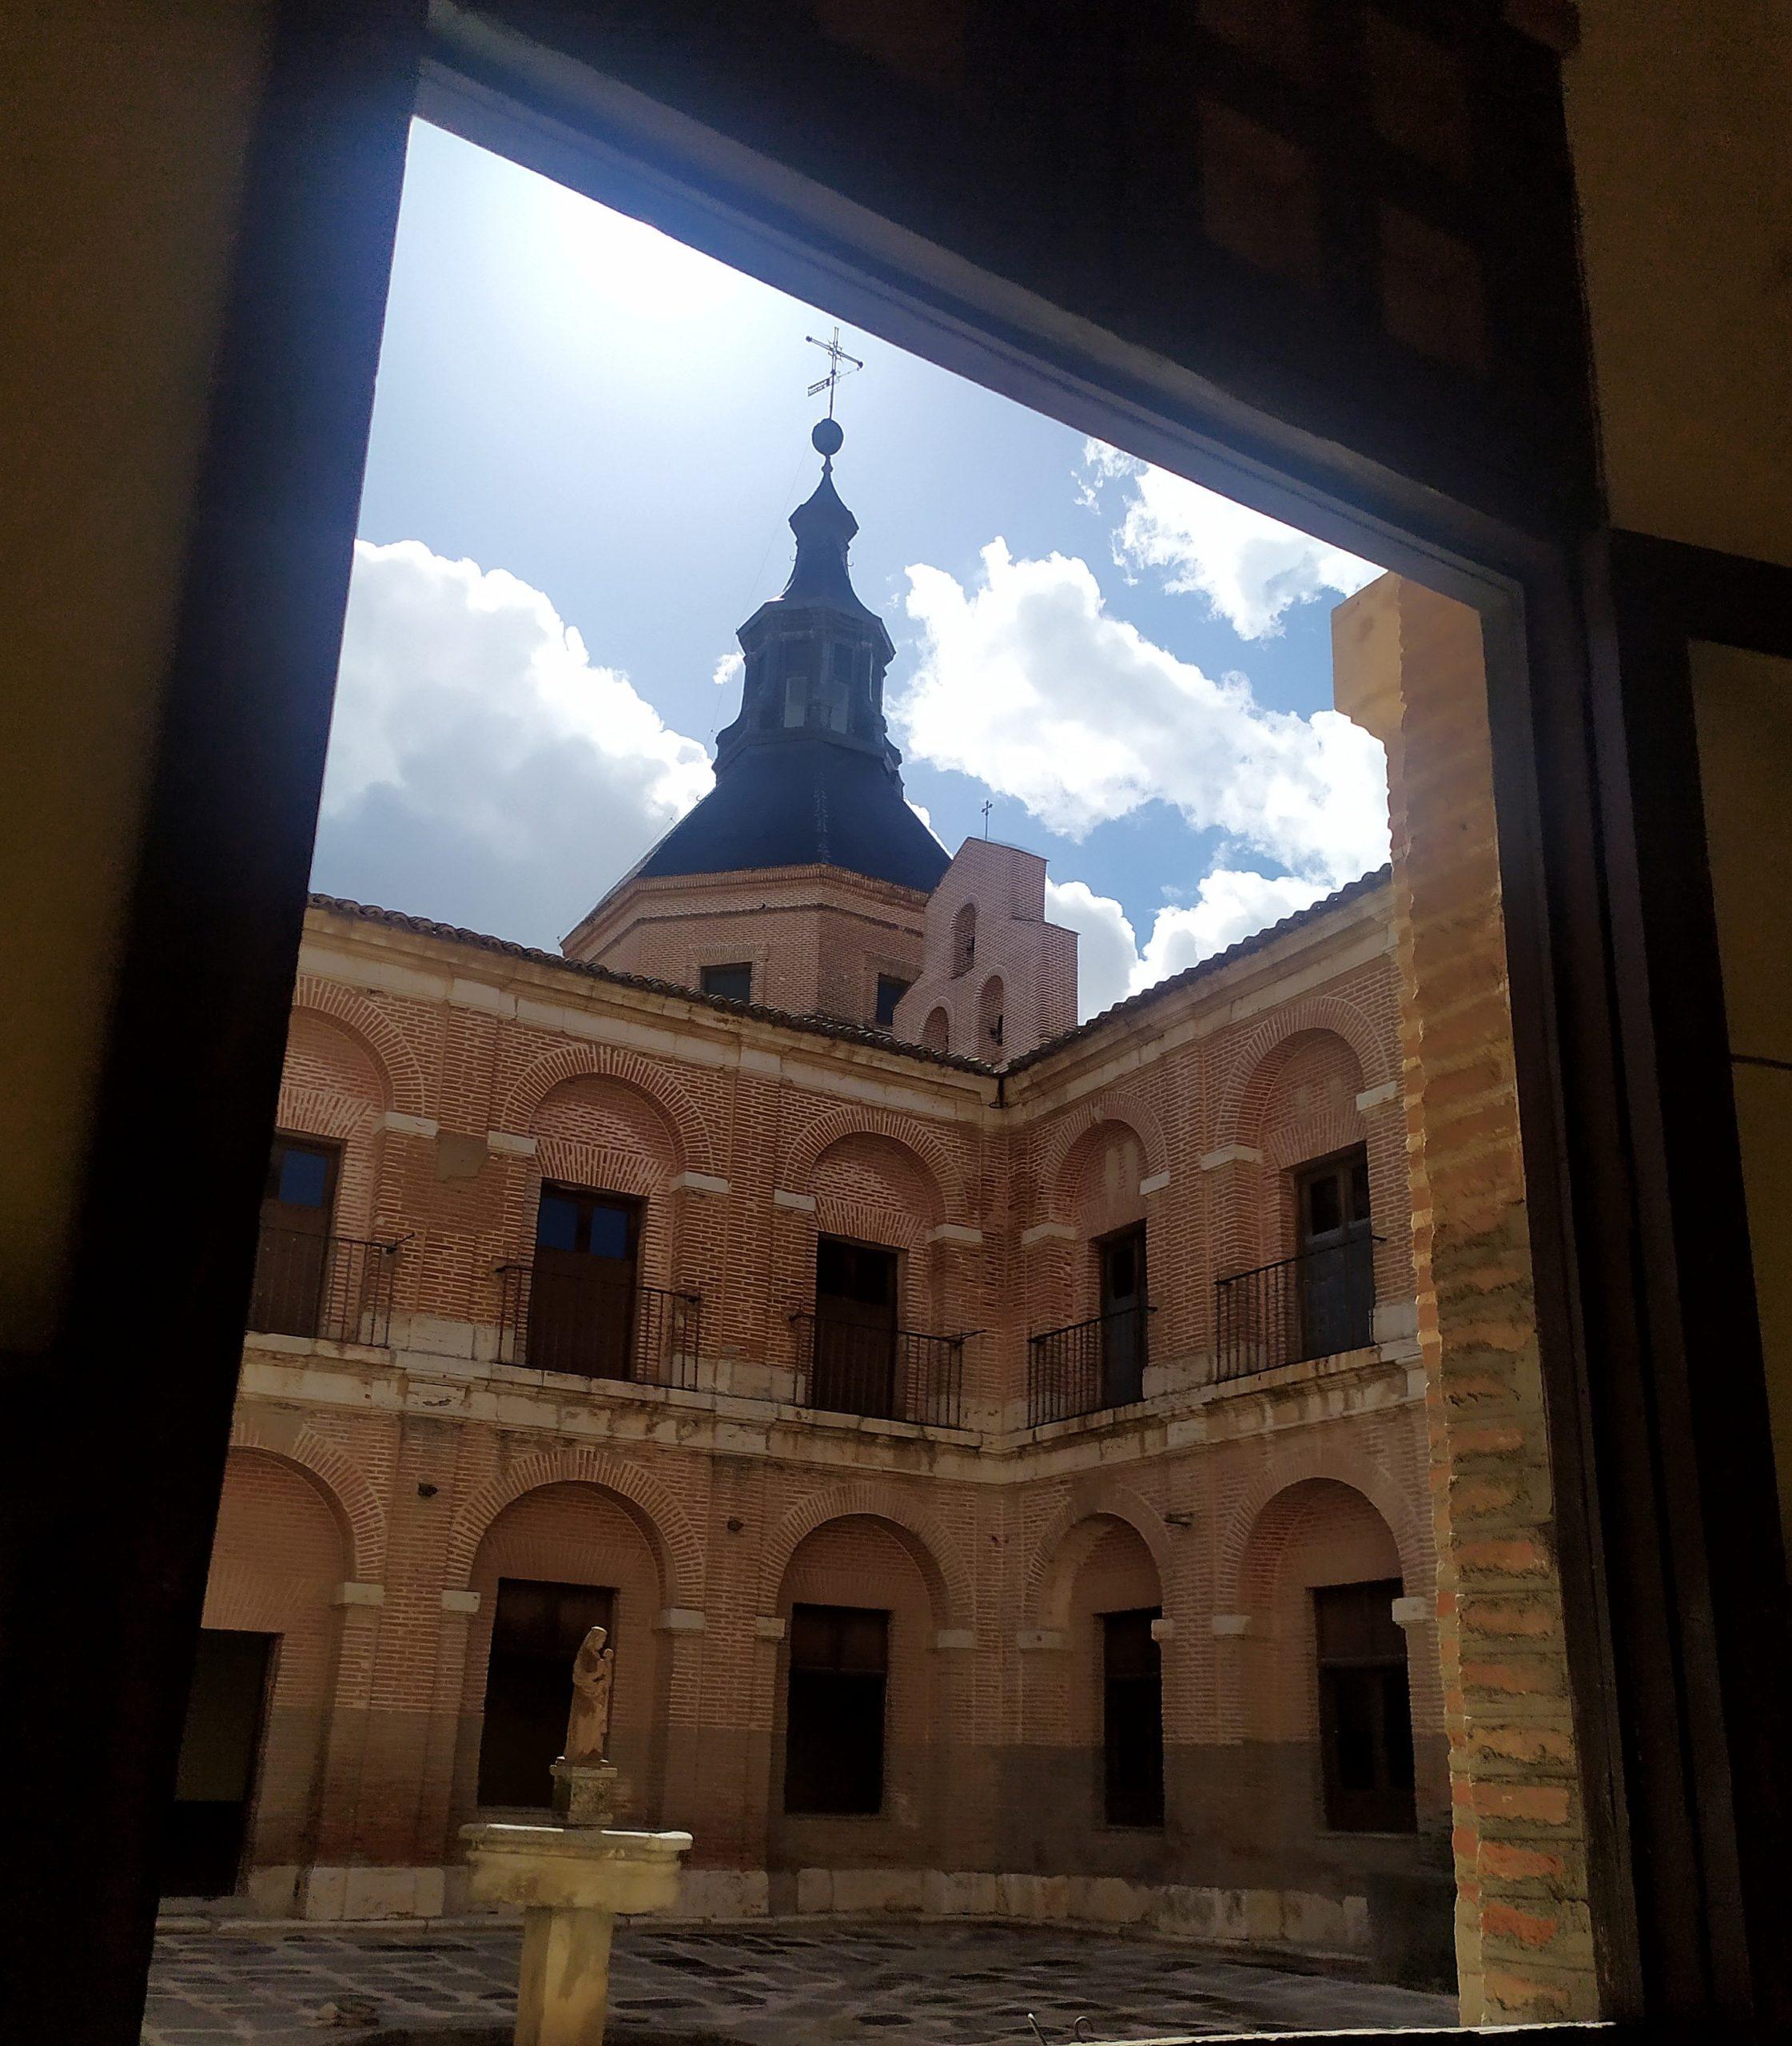 Visita al antiguo monasterio de la Inmaculada Concepción en Loeches